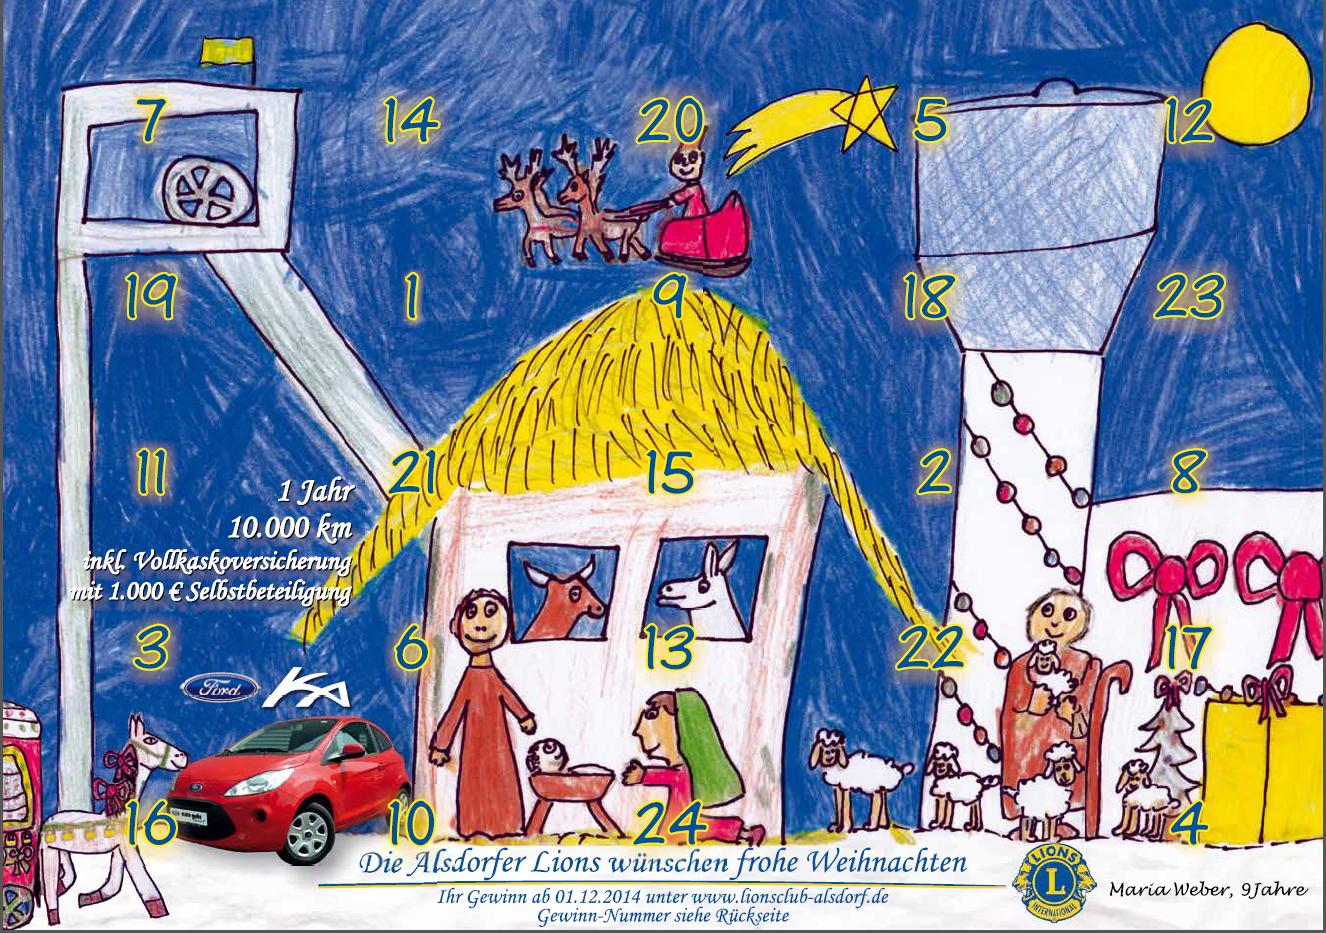 Adventskalender 2014: Gewinn-Nummern und weitere Informationen